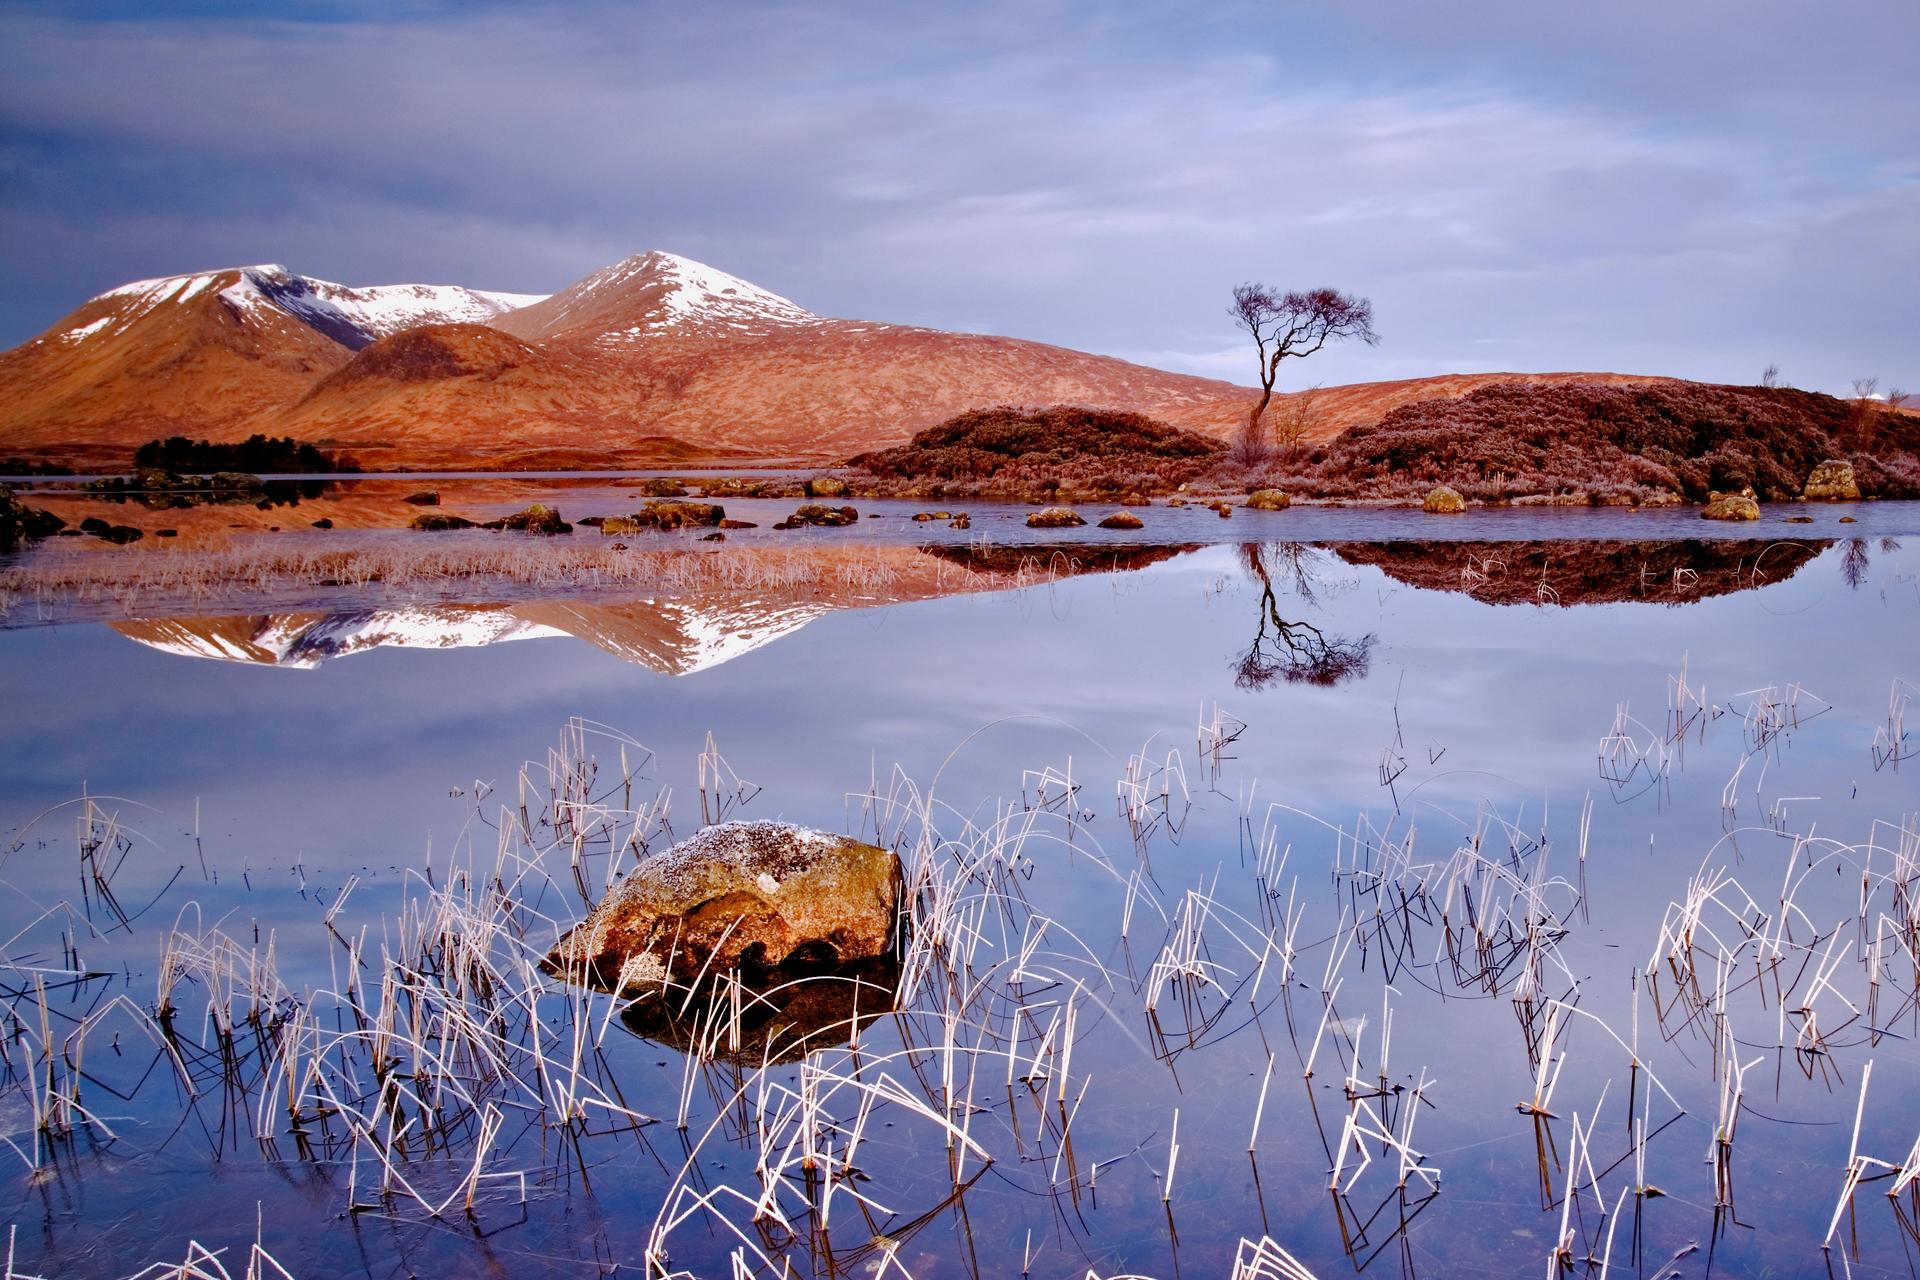 52254 скачать обои Природа, Трава, Осень, Озеро, Пасмурно, Отражение, Камень, Дерево, Холод, Пейзаж - заставки и картинки бесплатно